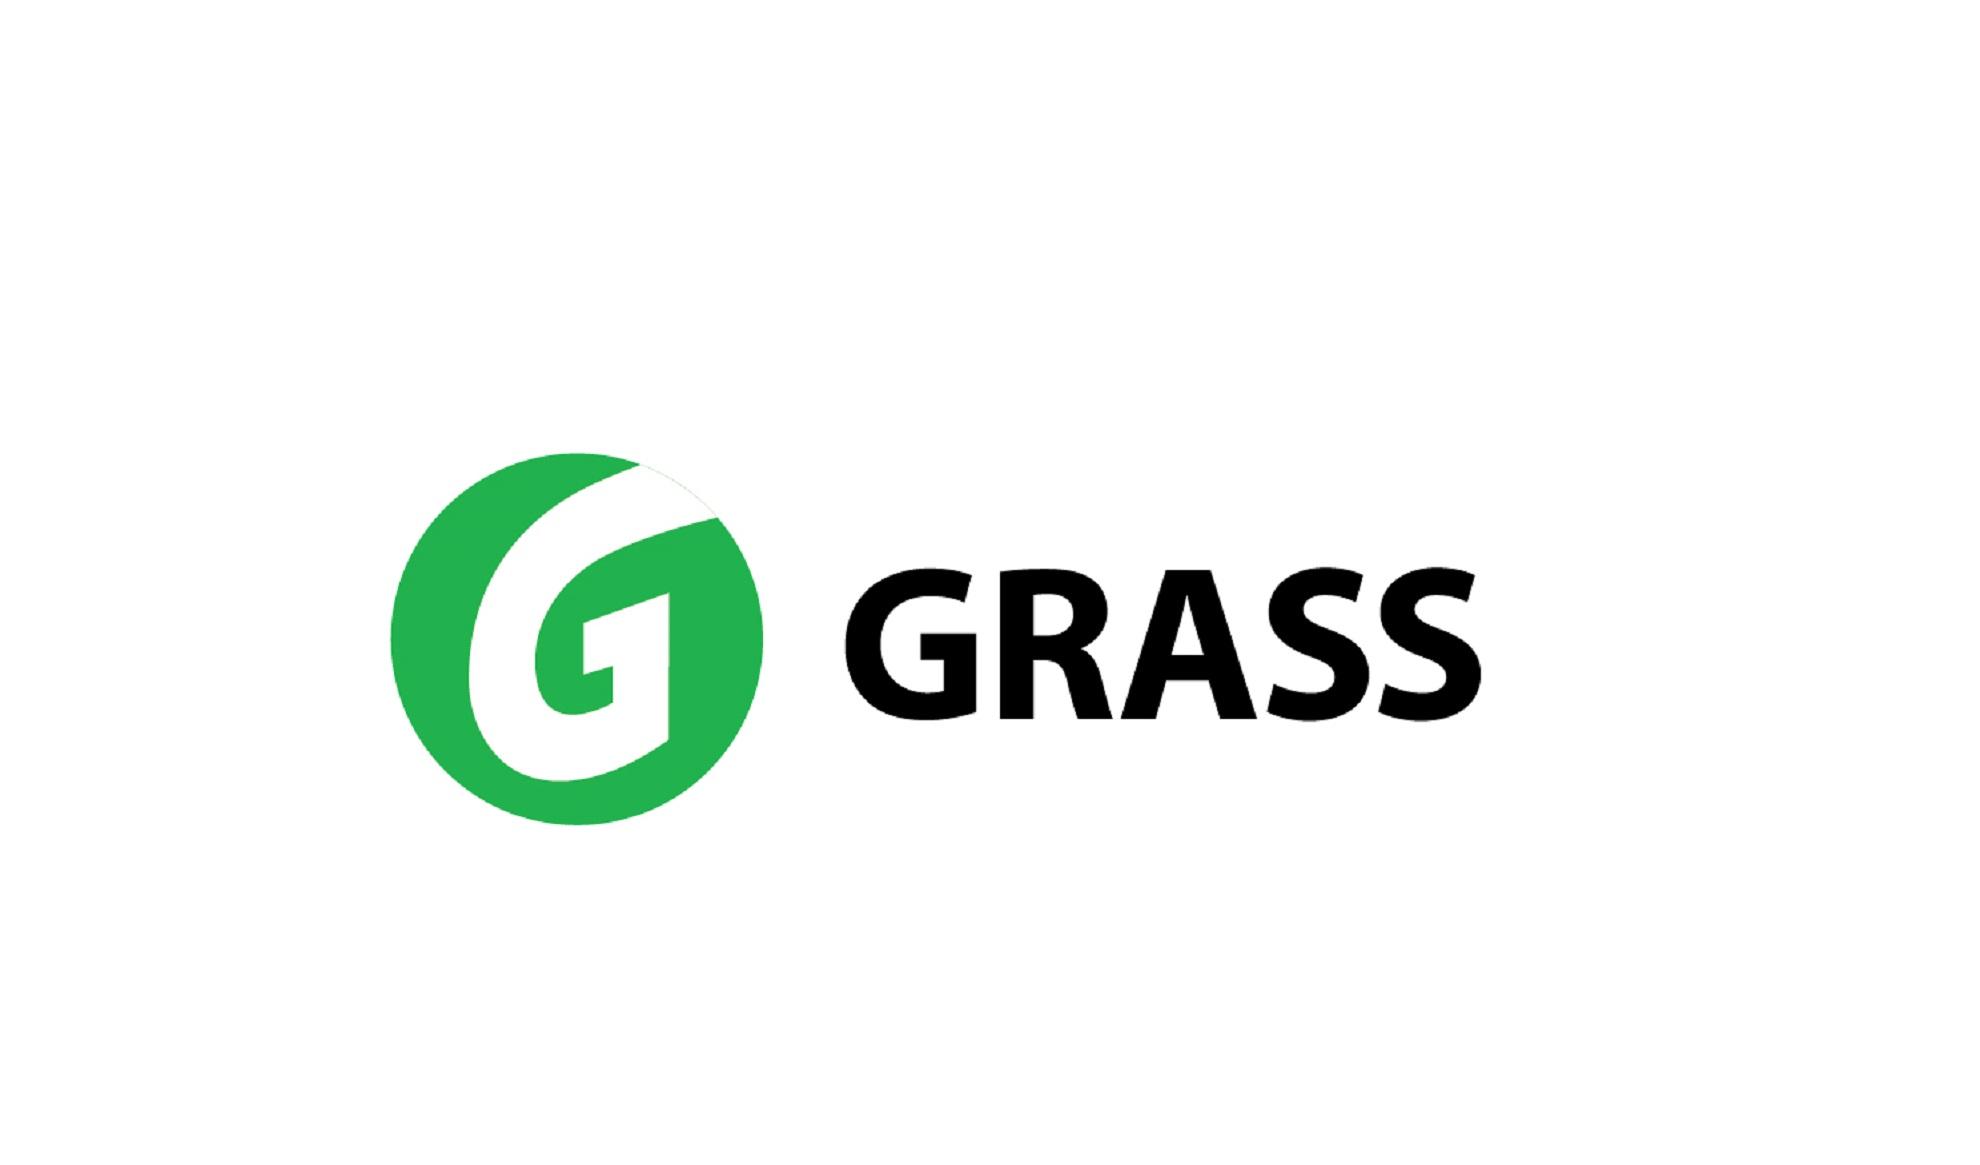 автохимия grass купить в москве